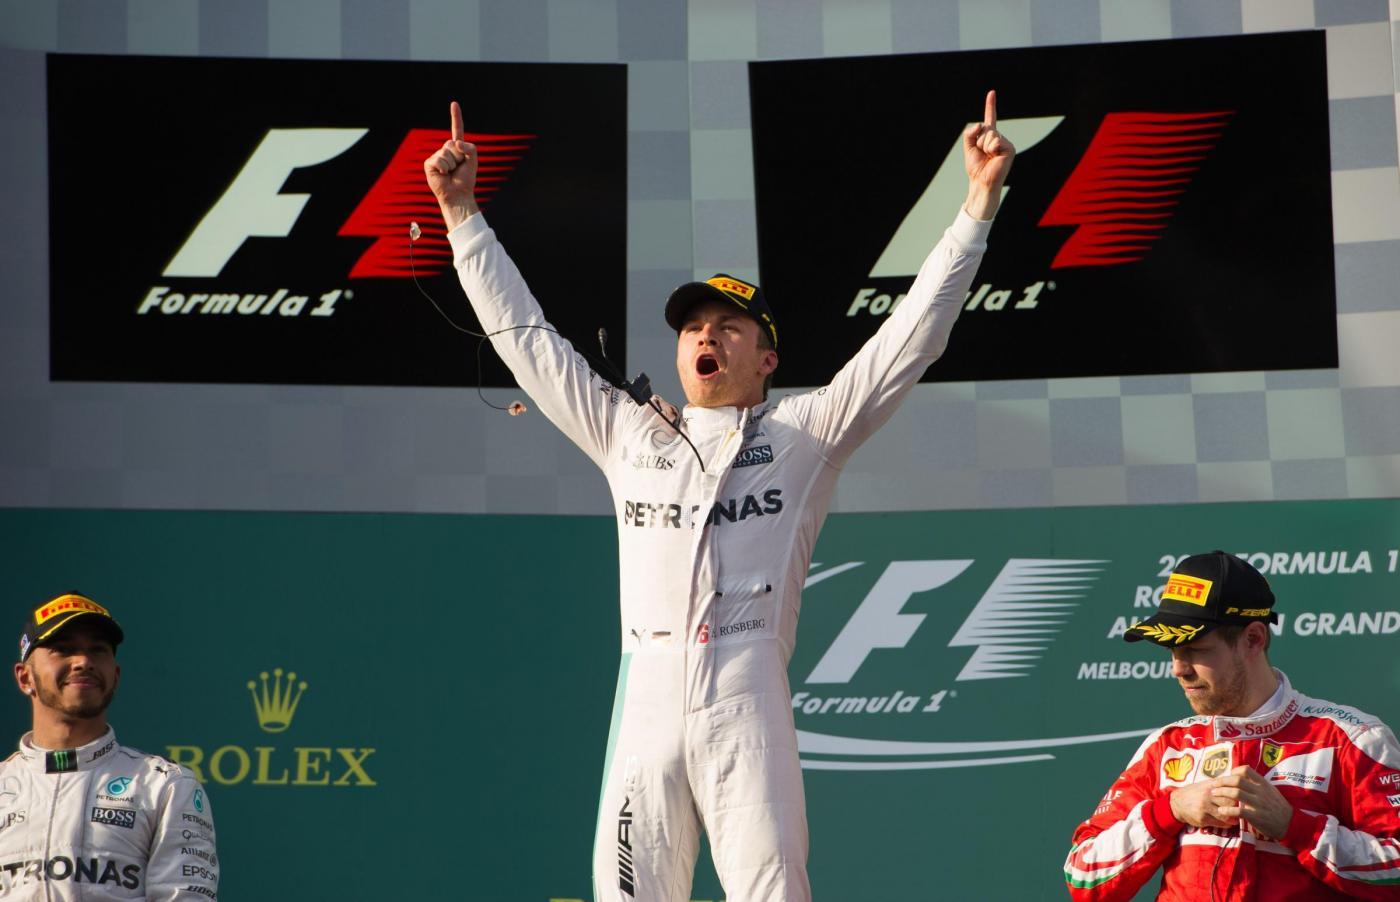 Classifica Formula 1: risultati dopo il Gran Premio della Russia